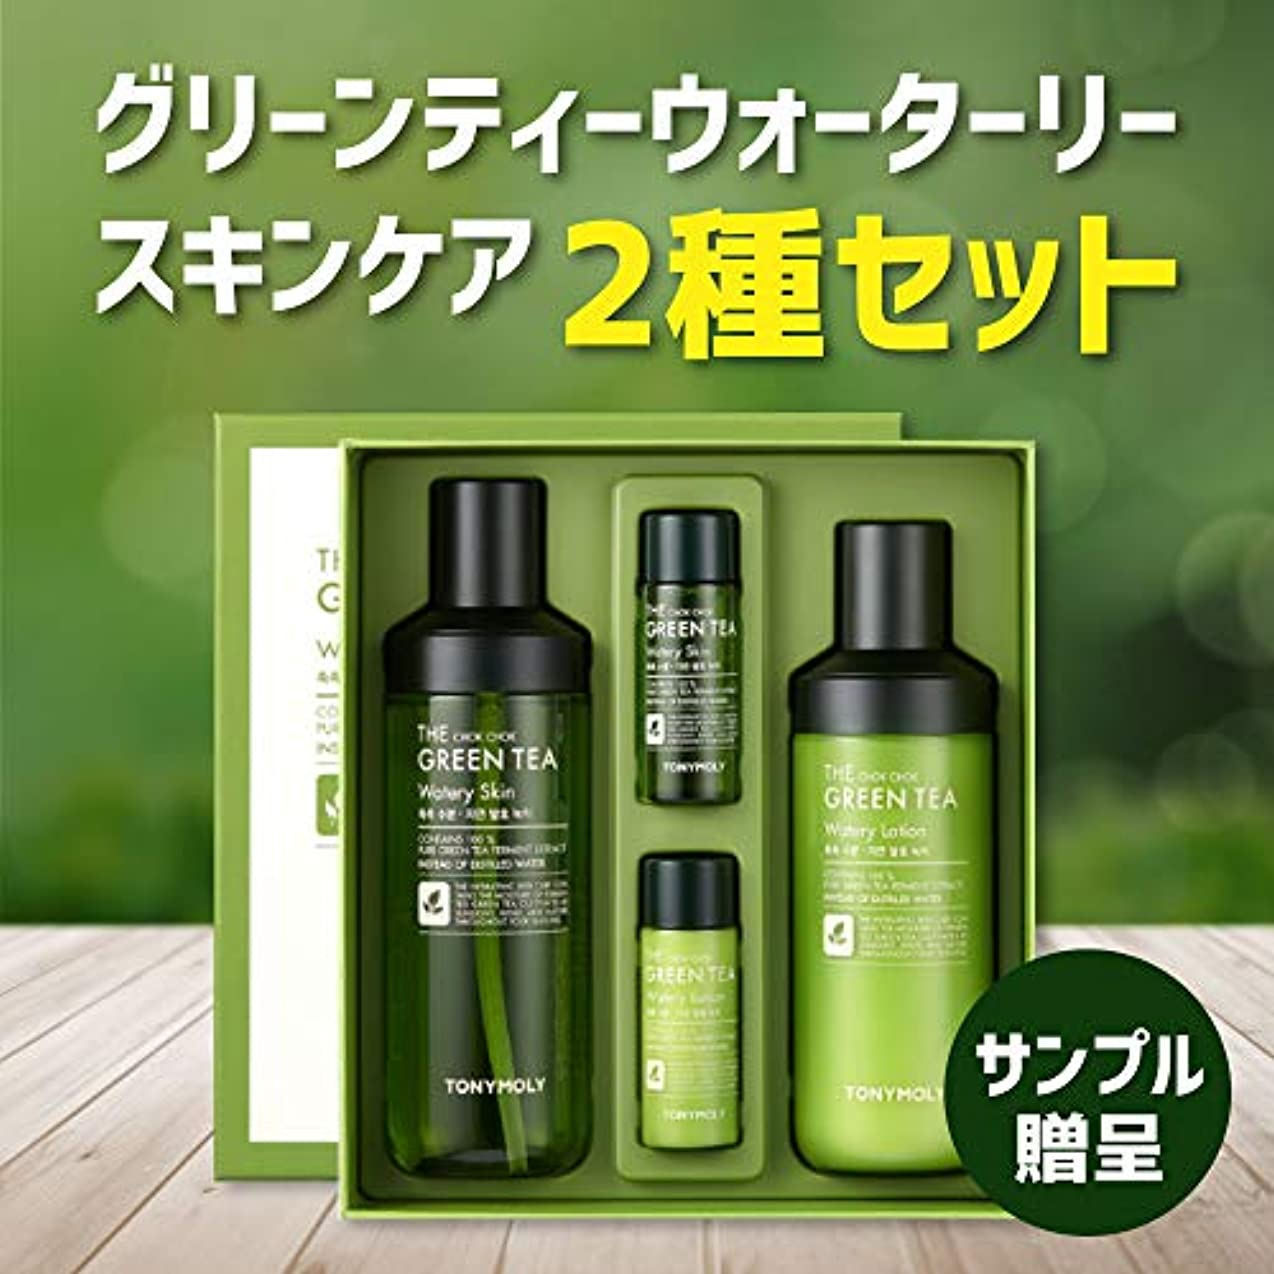 回復以下ぐったりTONYMOLY しっとり グリーン ティー 水分 化粧水 乳液 セット 抹茶 The Chok Chok Green Tea Watery Skin